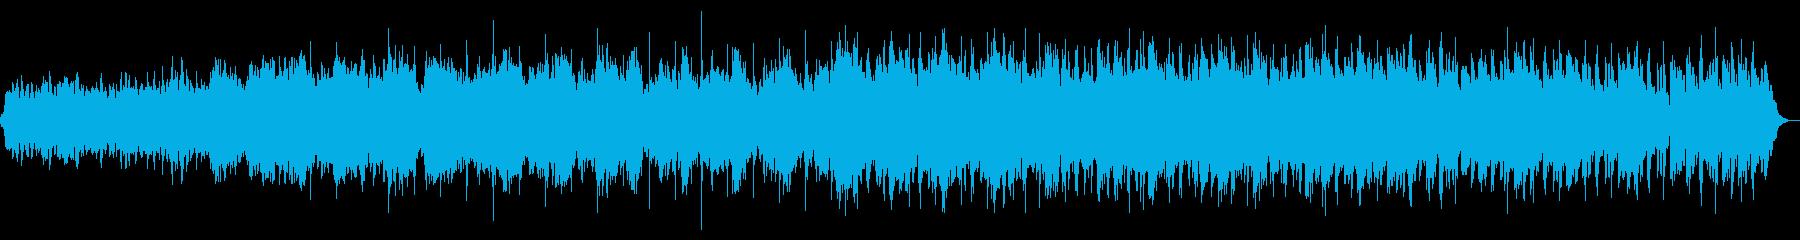 和のテイストを含むヒーリングサウンドの再生済みの波形